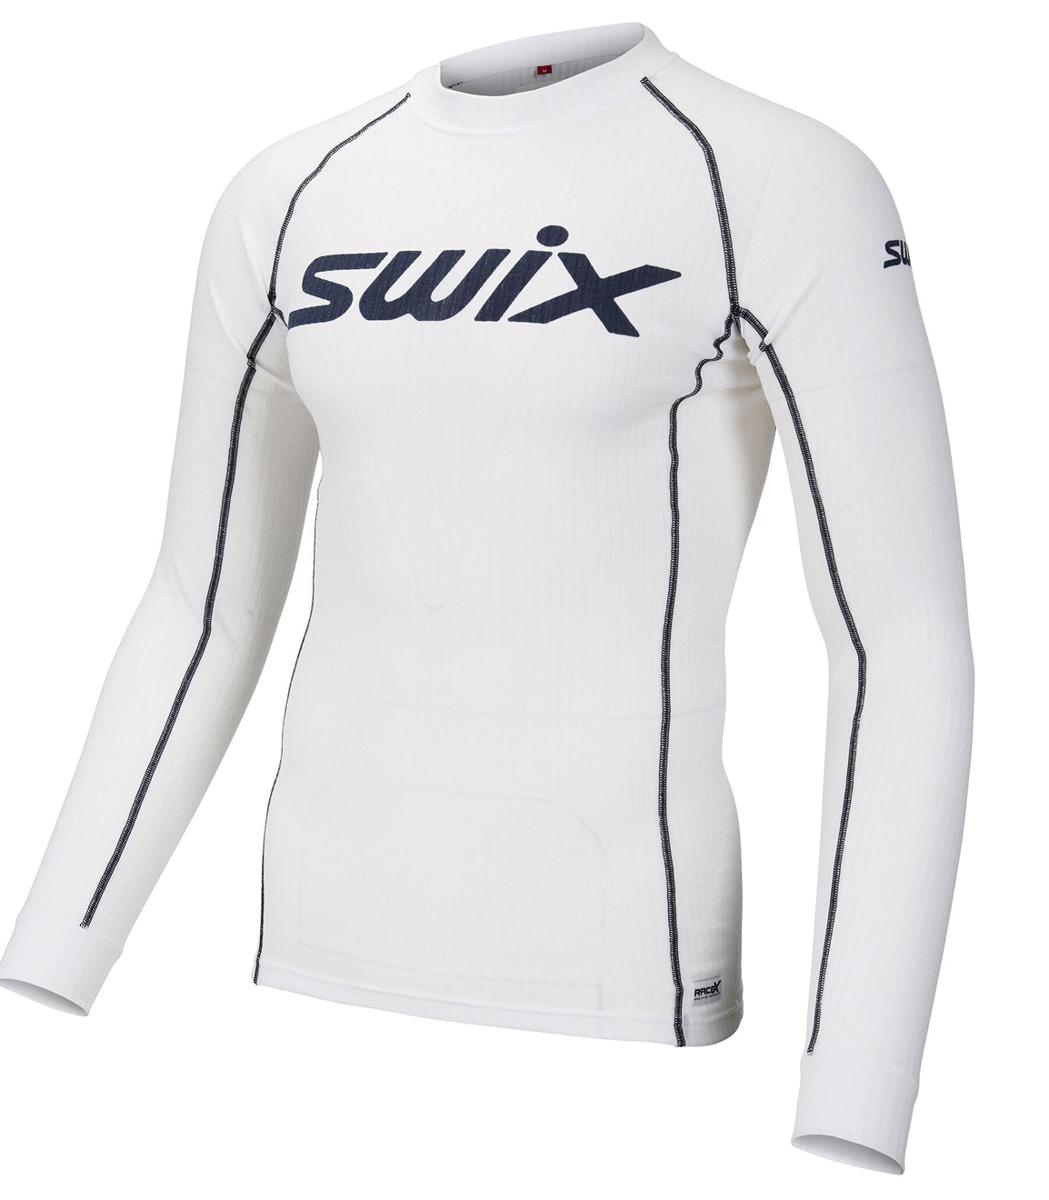 Bilde av Swix  RaceX bodyw LS M 40811-00000 00000 Bright white